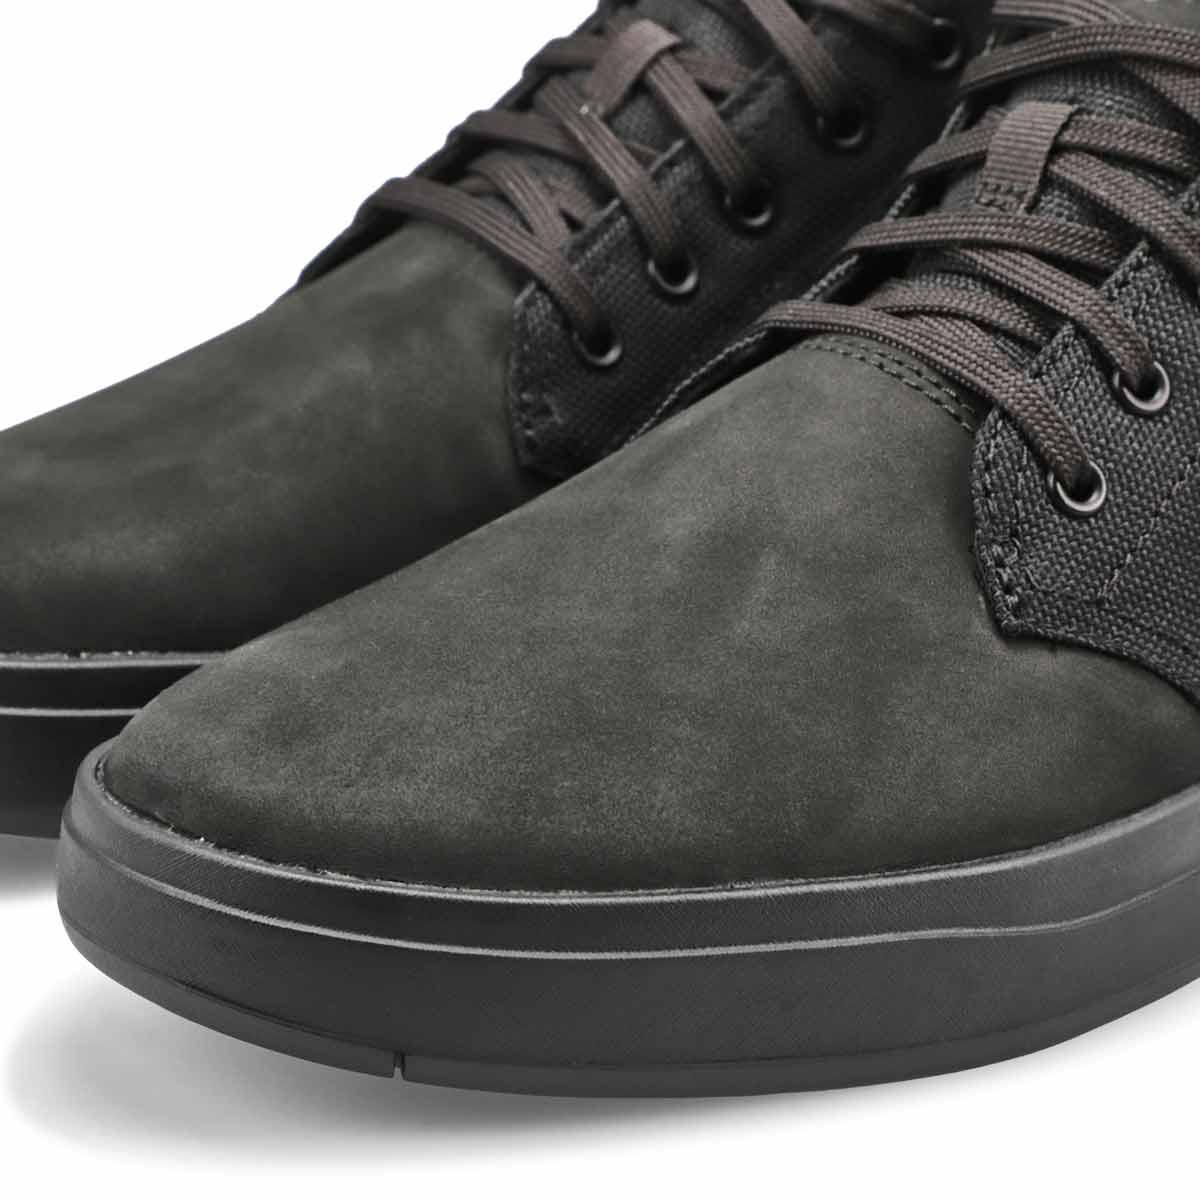 Men's Davis Square Chukka Boot - Black